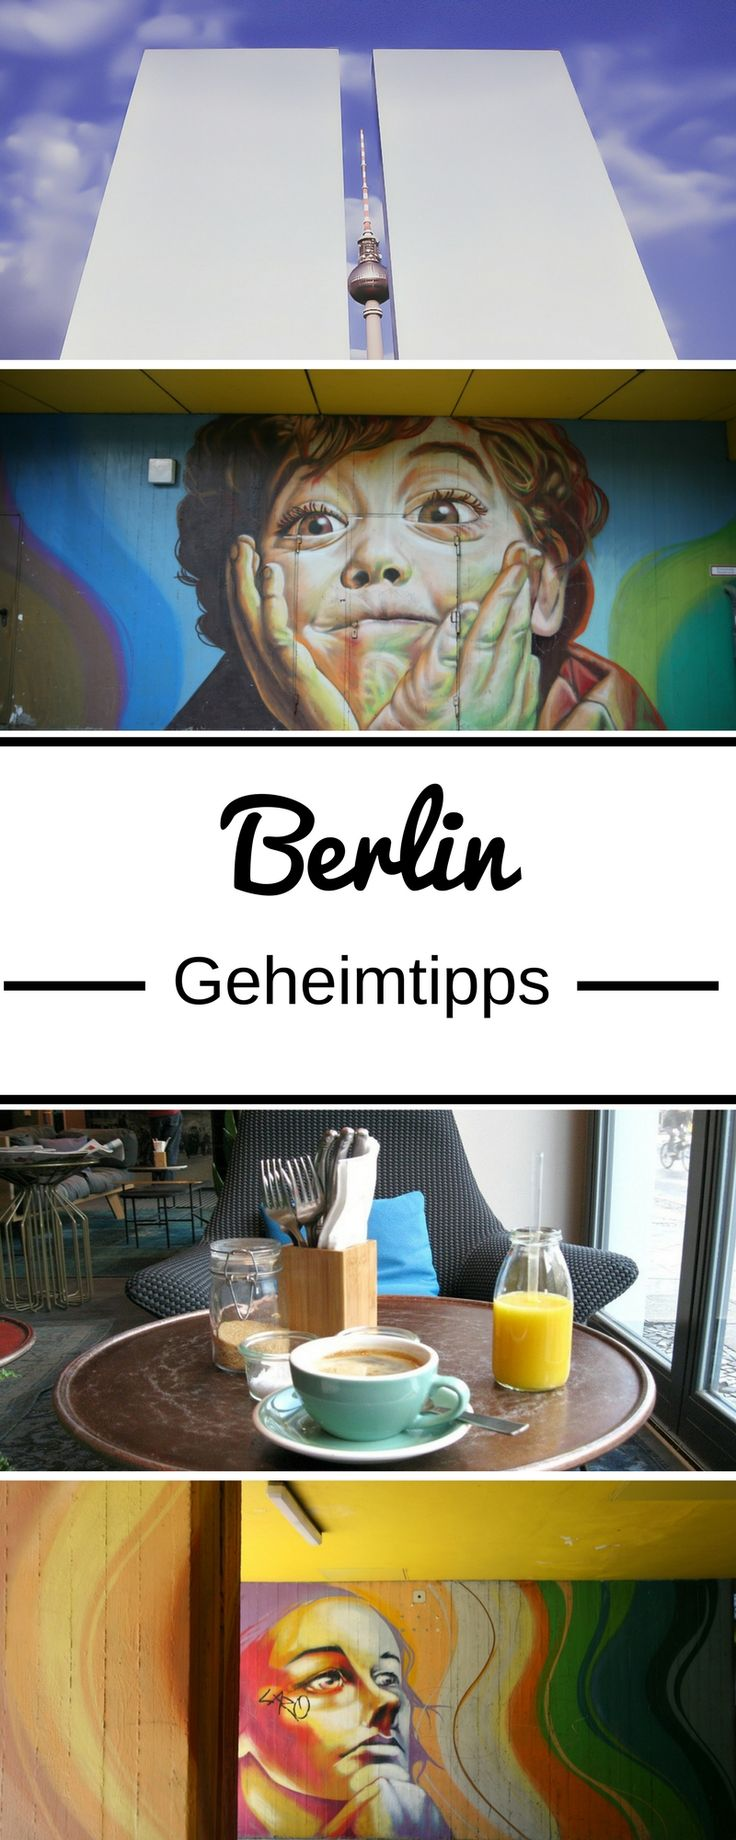 Berlin Geheimtipps einer Einheimischen. Im Artikel verrät euch Anneli ihre Berlin Insidertipps zu den schönsten Hotels, Restaurants, Cafés und Sehenswürdigkeiten – ob für Sommer, Winter oder bei Regen. #Deutschland #Berlin #Geheimtipps #Insidertipps #Reiseblog #Reiseblogger